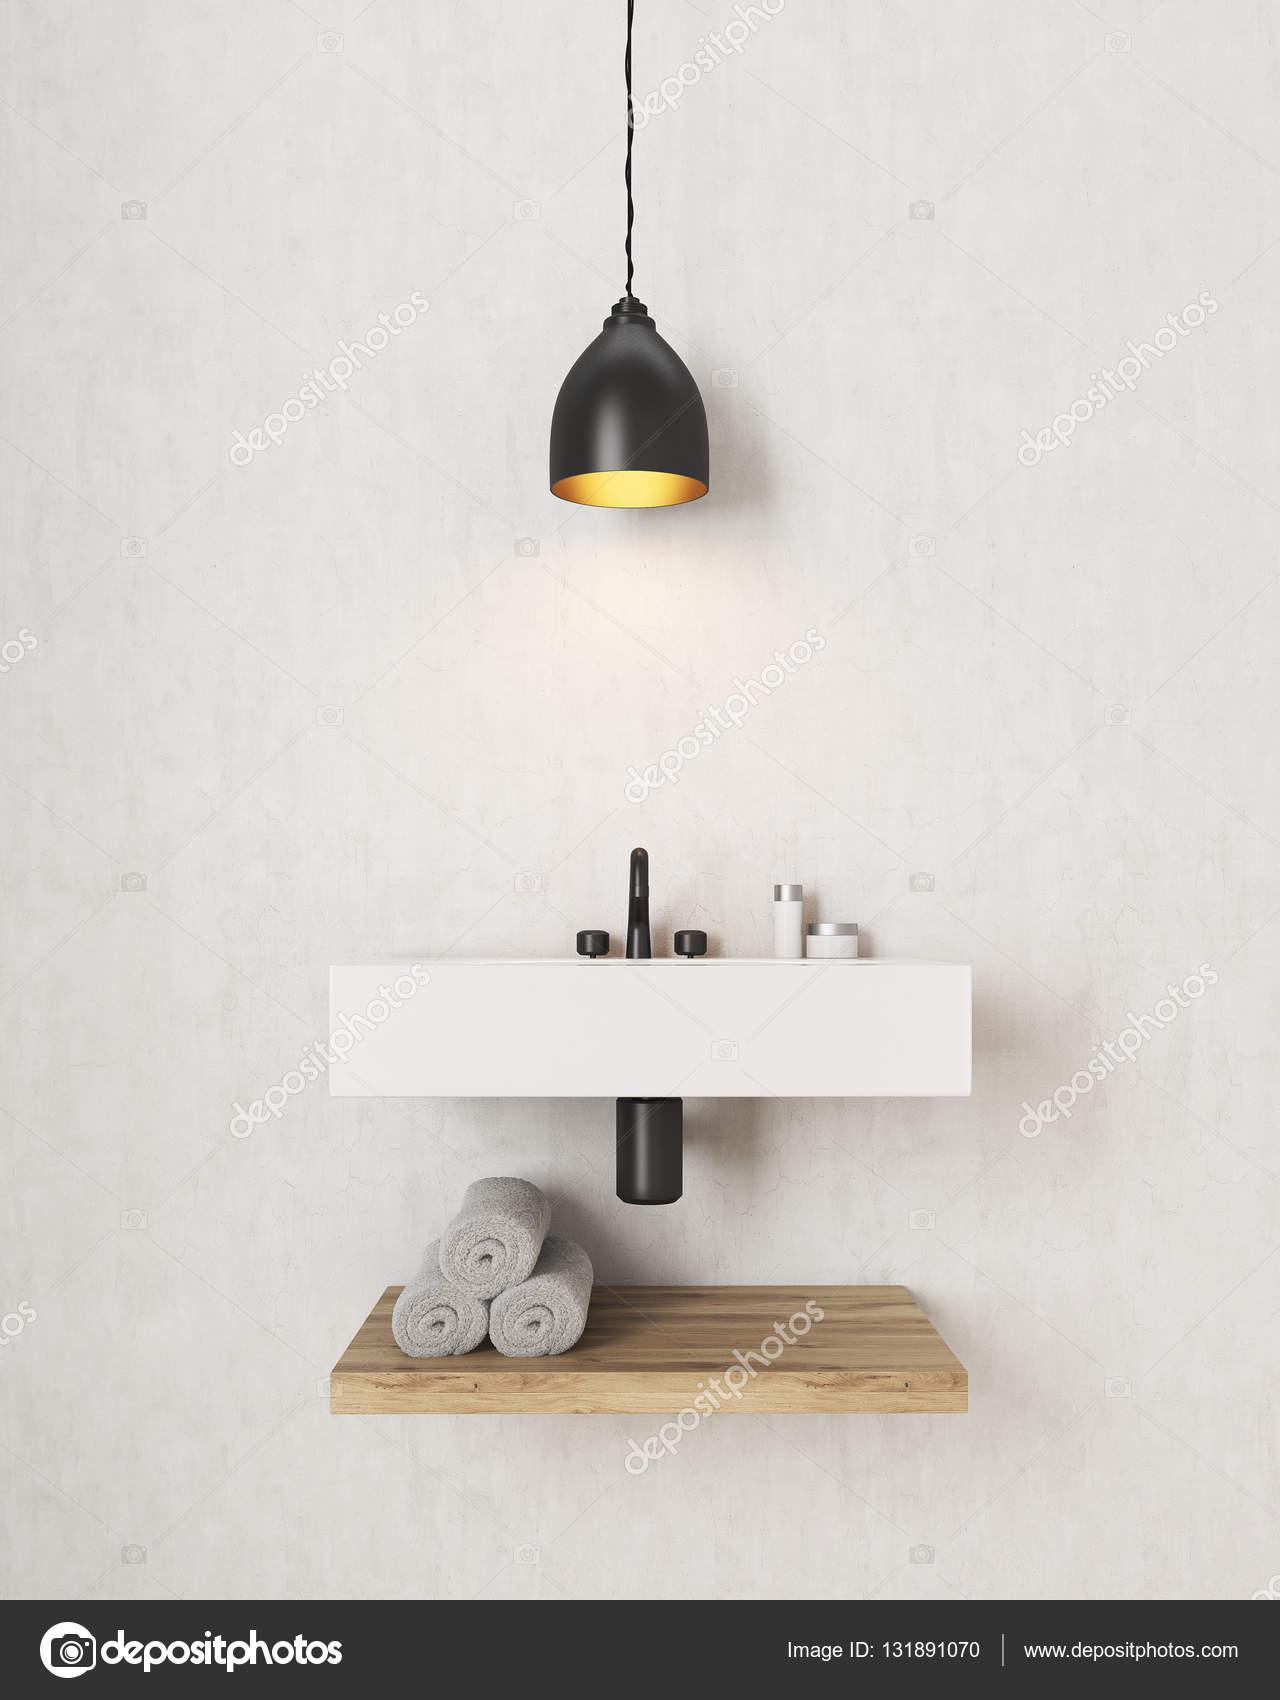 Badkamer wastafel met houten plank eronder — Stockfoto ...